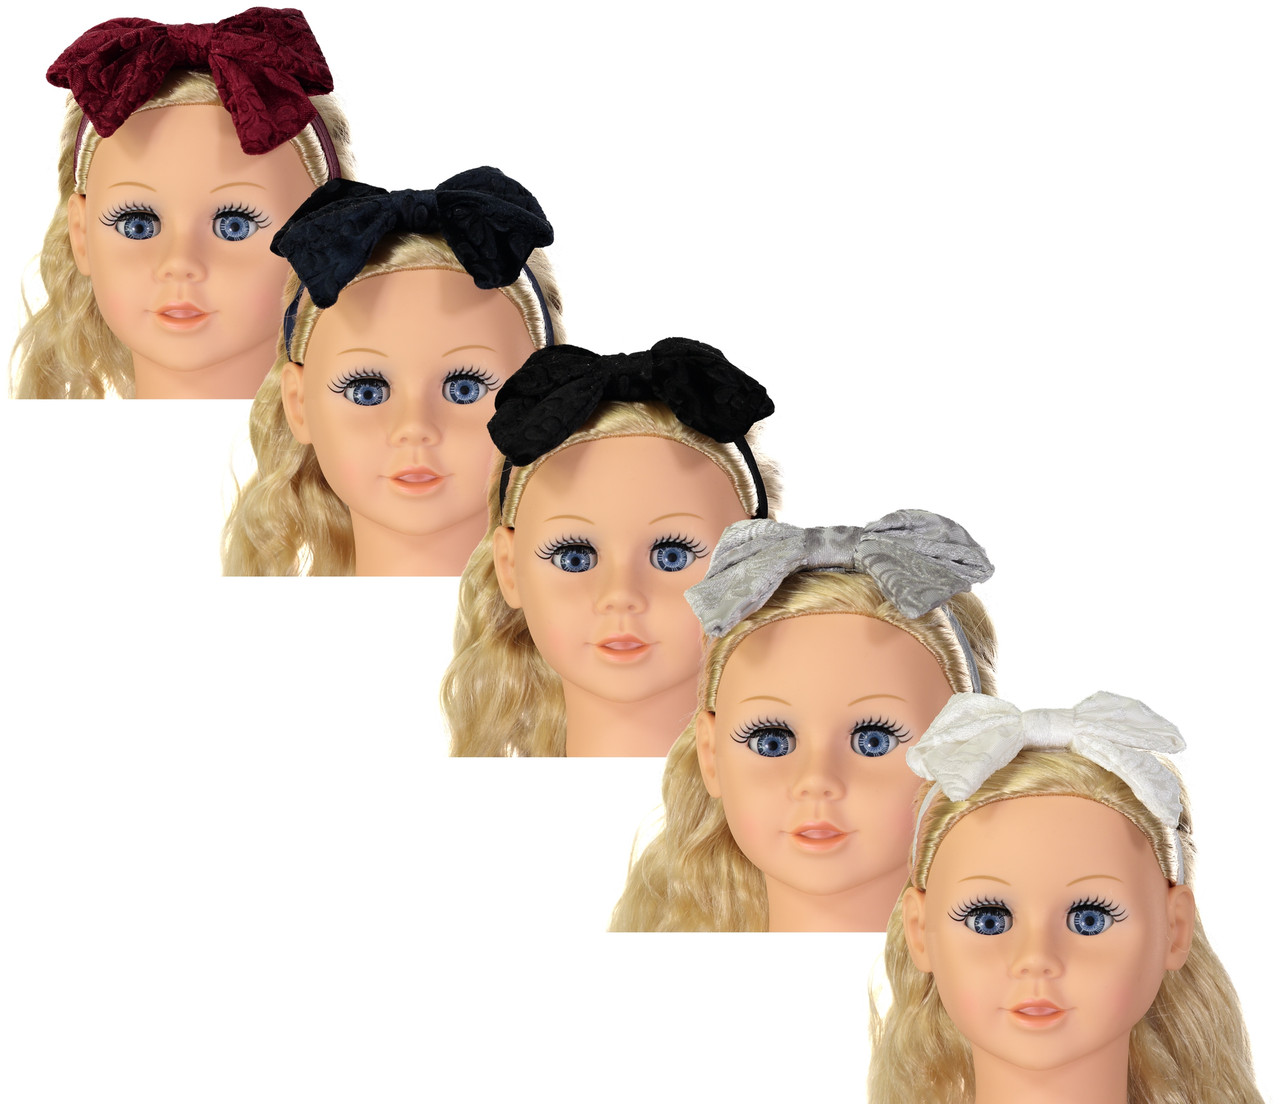 Riqki Baby Girls Headband - HB1923 - Embossed Velvet Bow